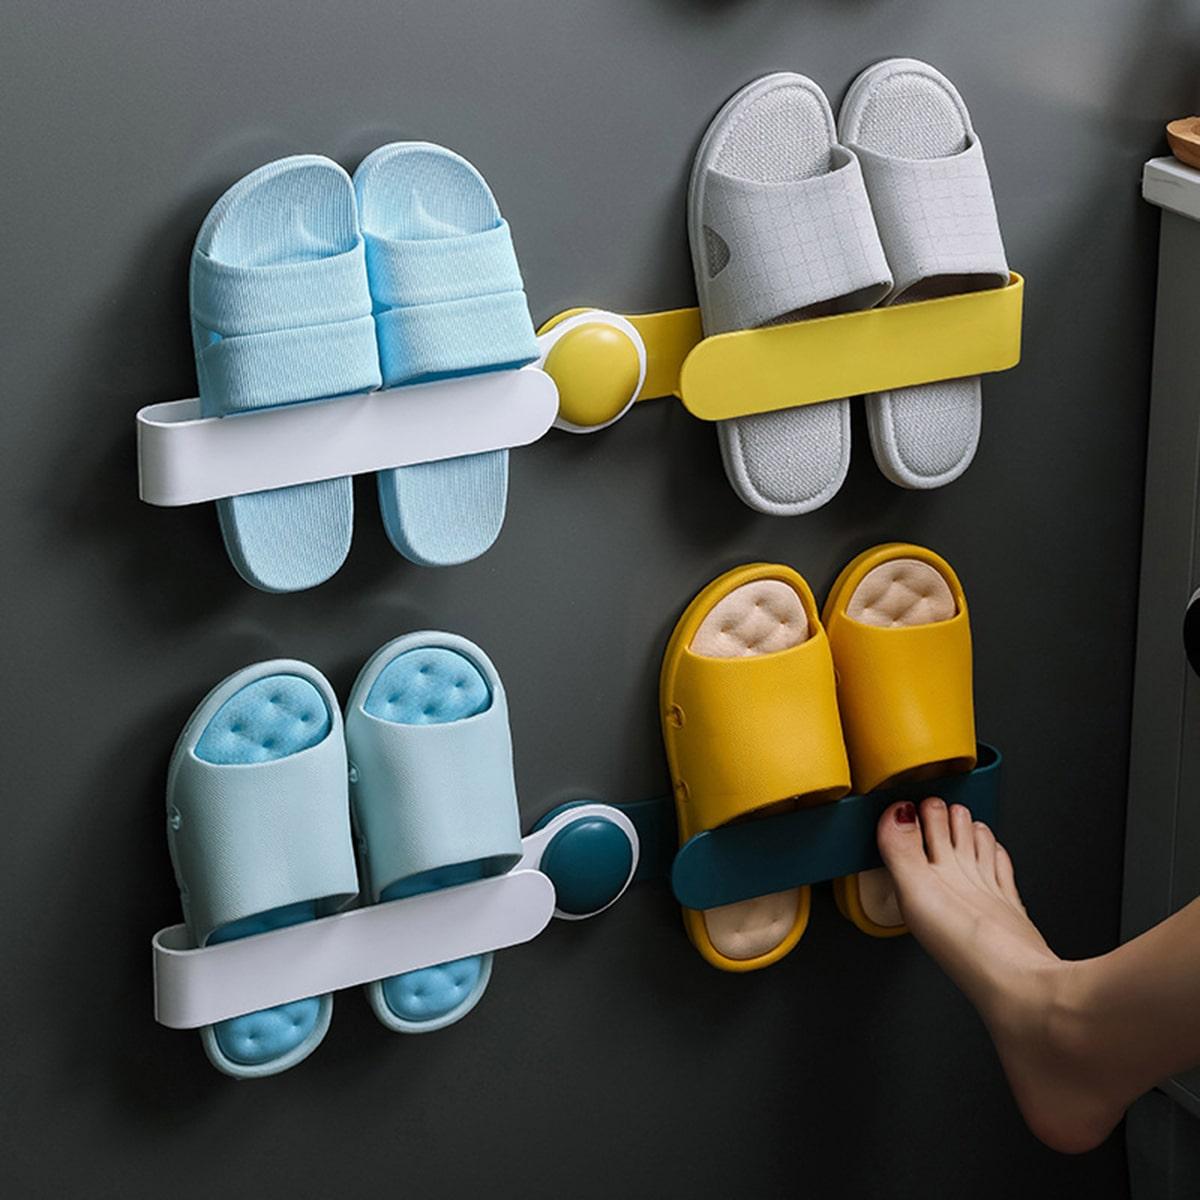 1шт Настенная стойка для обуви случайного цвета